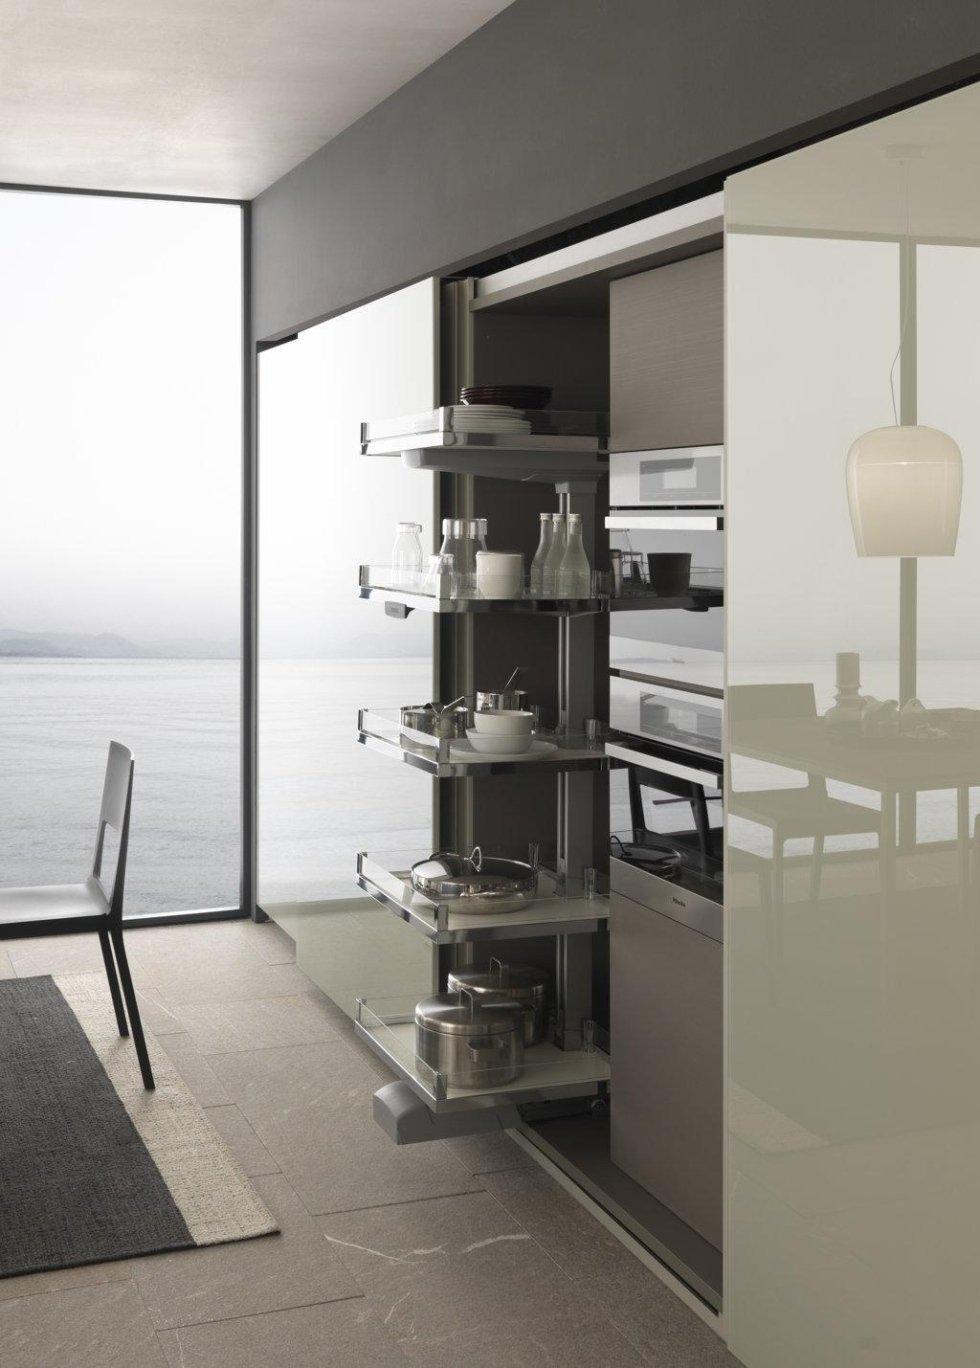 vetrina di cucina con oggetti